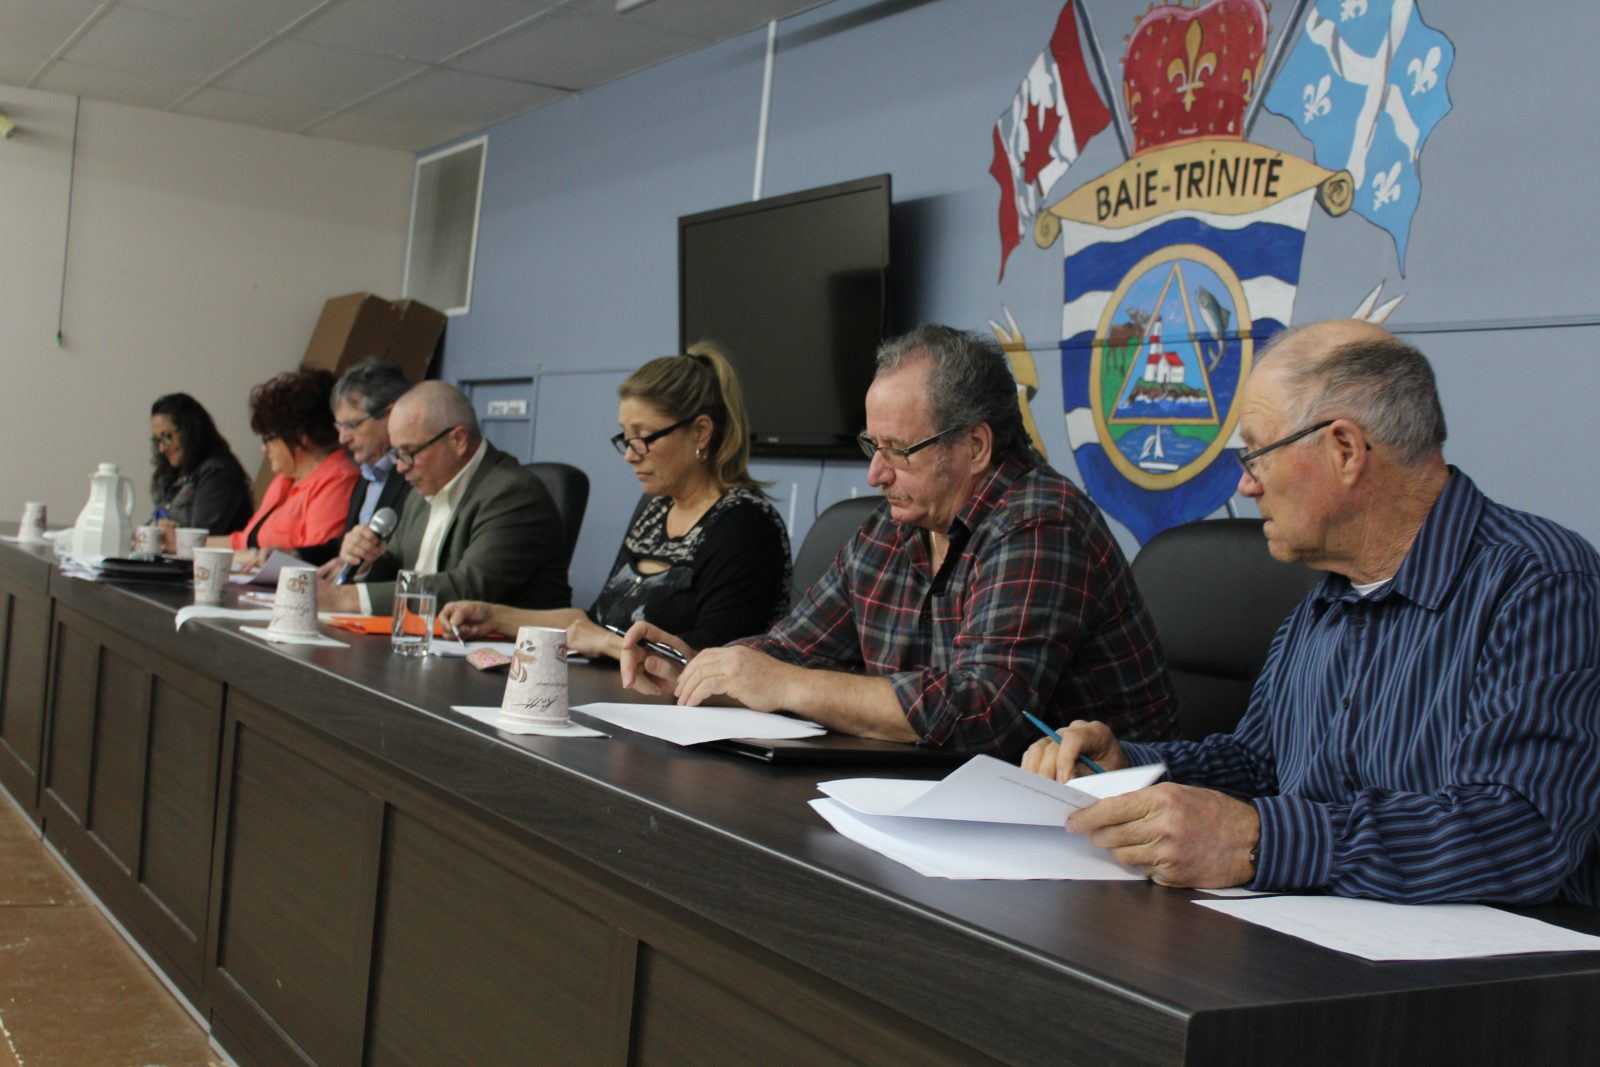 Baie-Trinité : une acquisition qui mène à la démission d'un conseiller